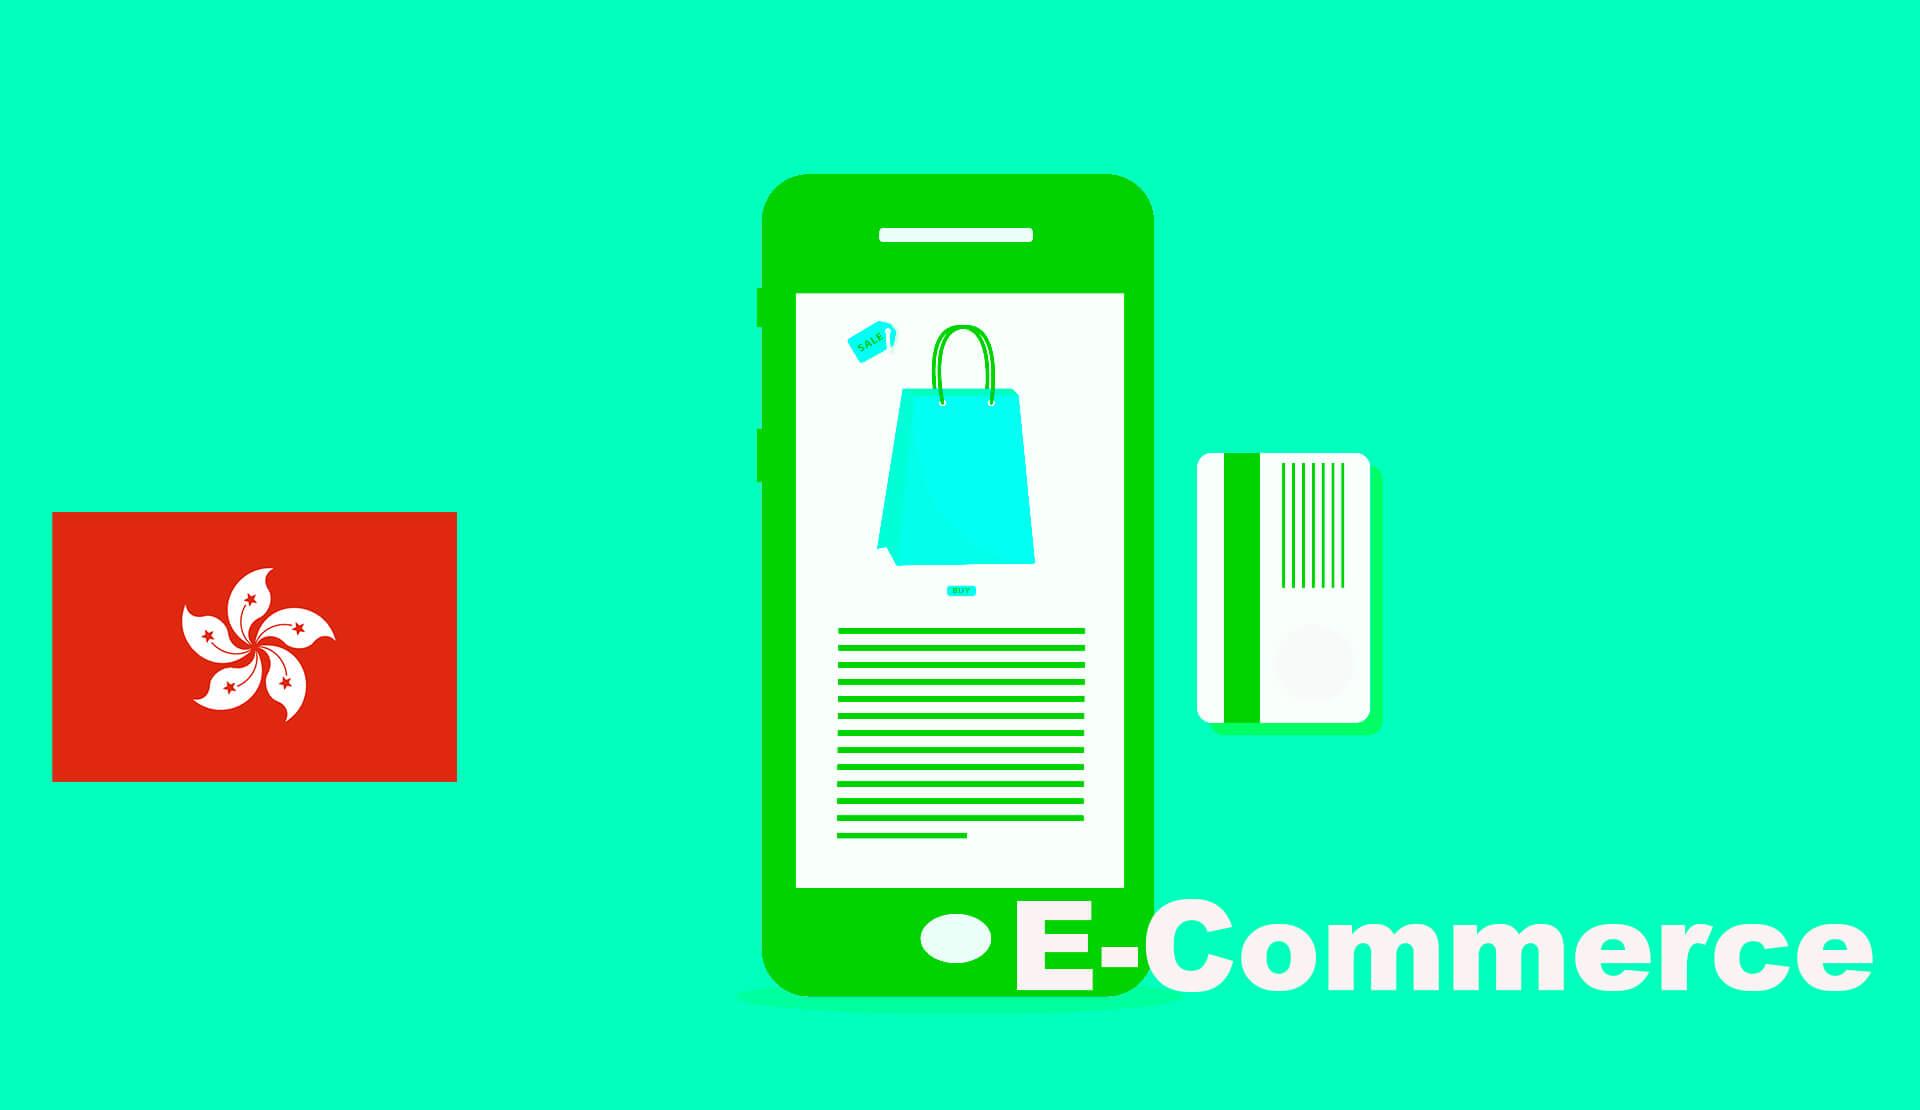 香港EC(通販)の基礎知識 | 人気ECサイトランキング・市場規模・EC決済事情…ほか